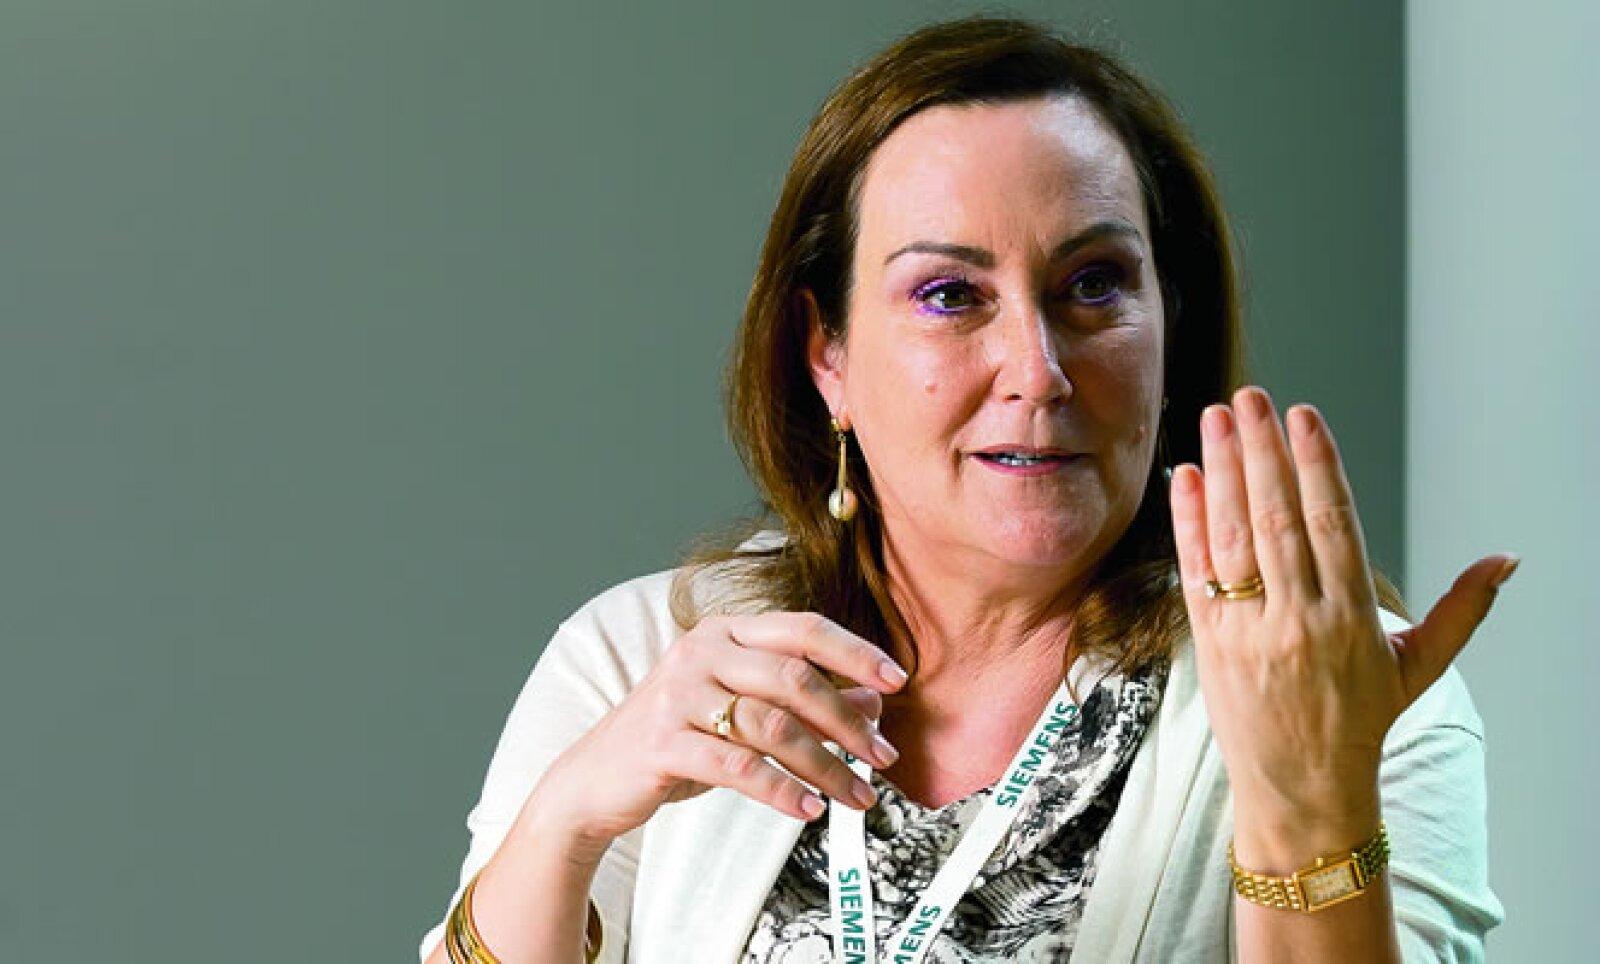 """Presidenta y directora general de Siemens Mesoamérica. En junio de 2012 anunció una inversión de 4 millones de dólares para México. Ocupa el tercer puesto en el ranking de """"Las 50 mujeres más poderosas"""" en México de la revista Expansión."""